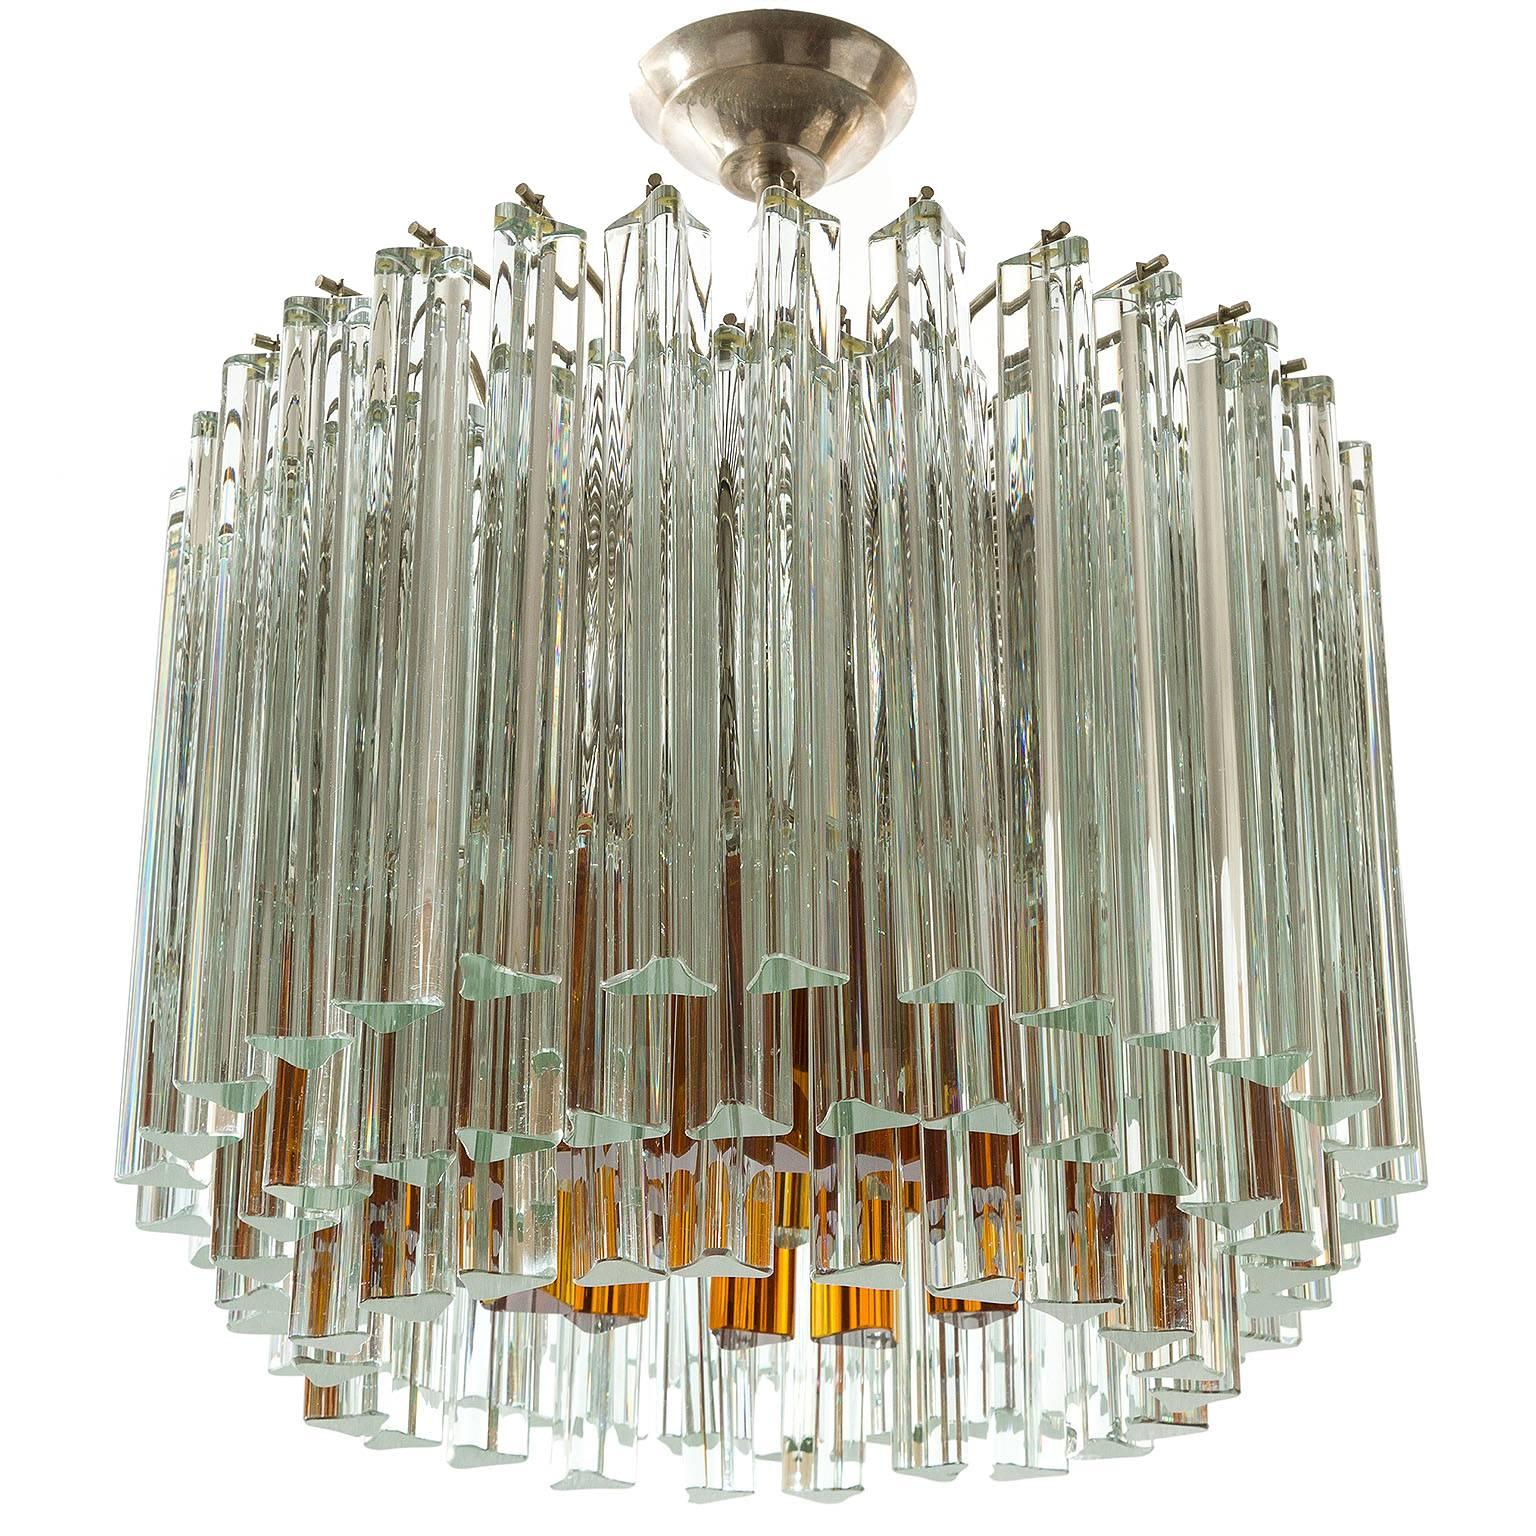 Venini Glass Chandelier, Triedri Crystal Glass, Italy, 1960s